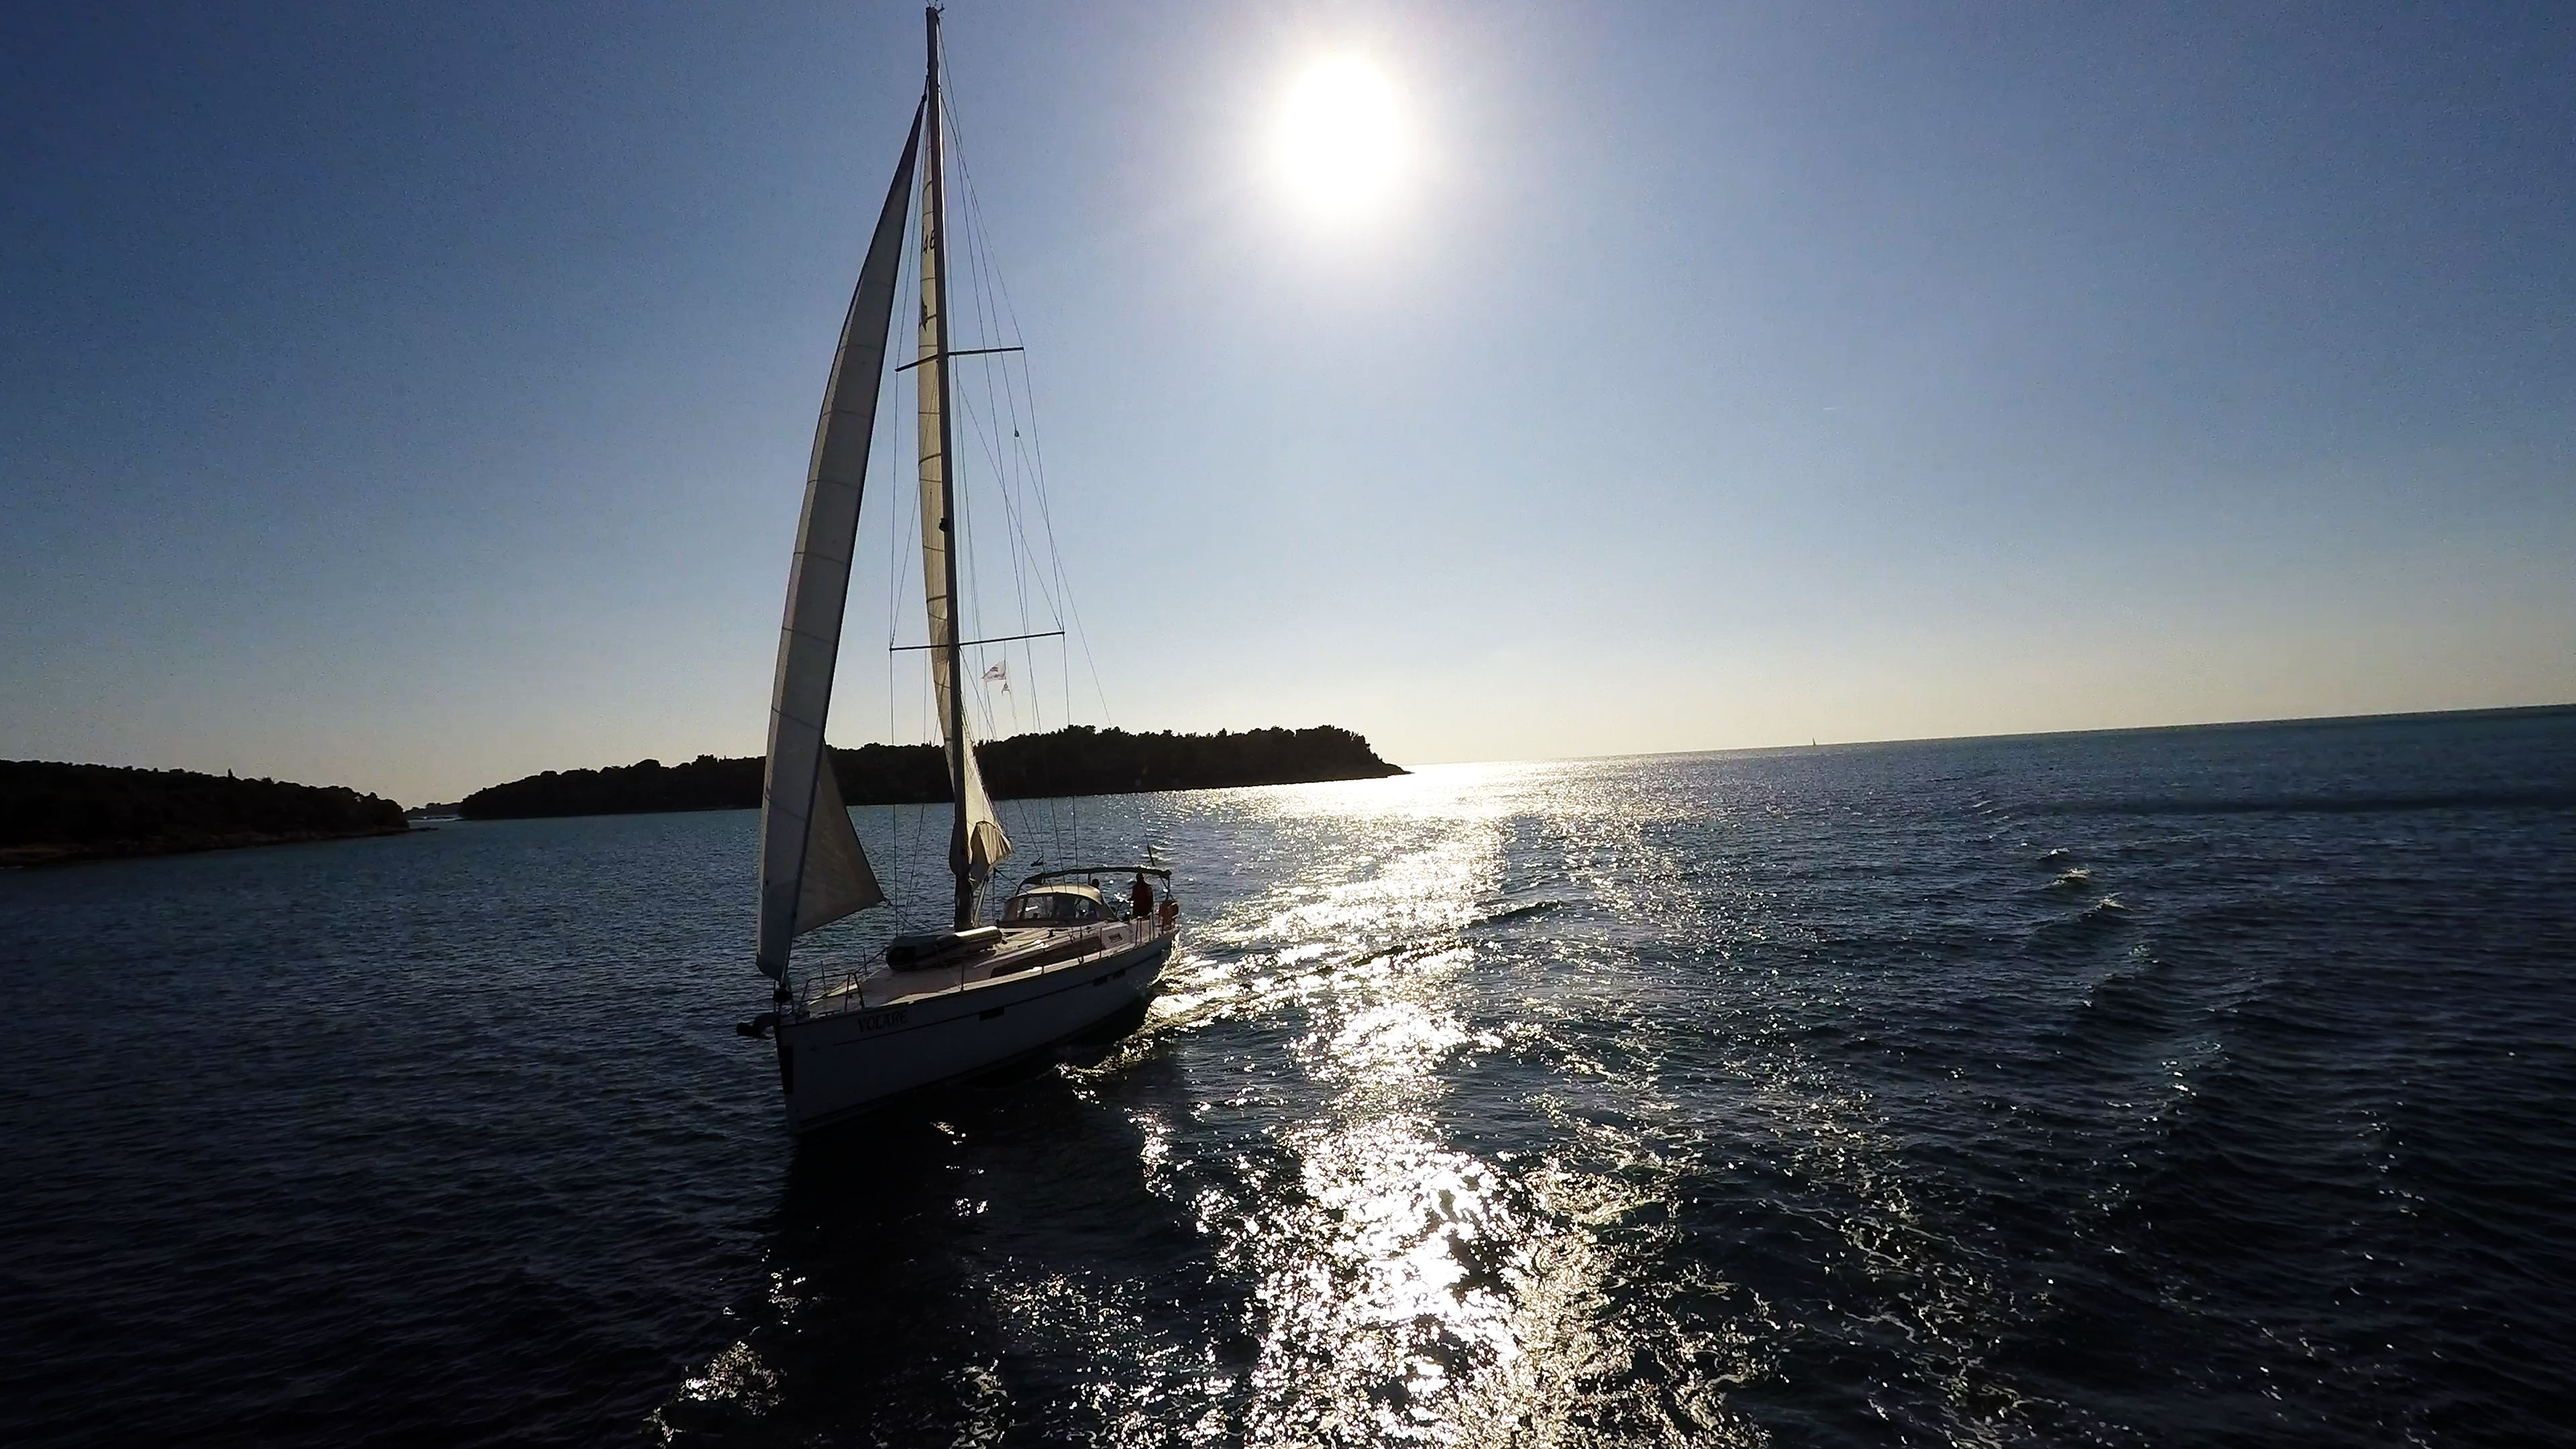 barcha a vela barca a vela isola yacht a vela Croazia